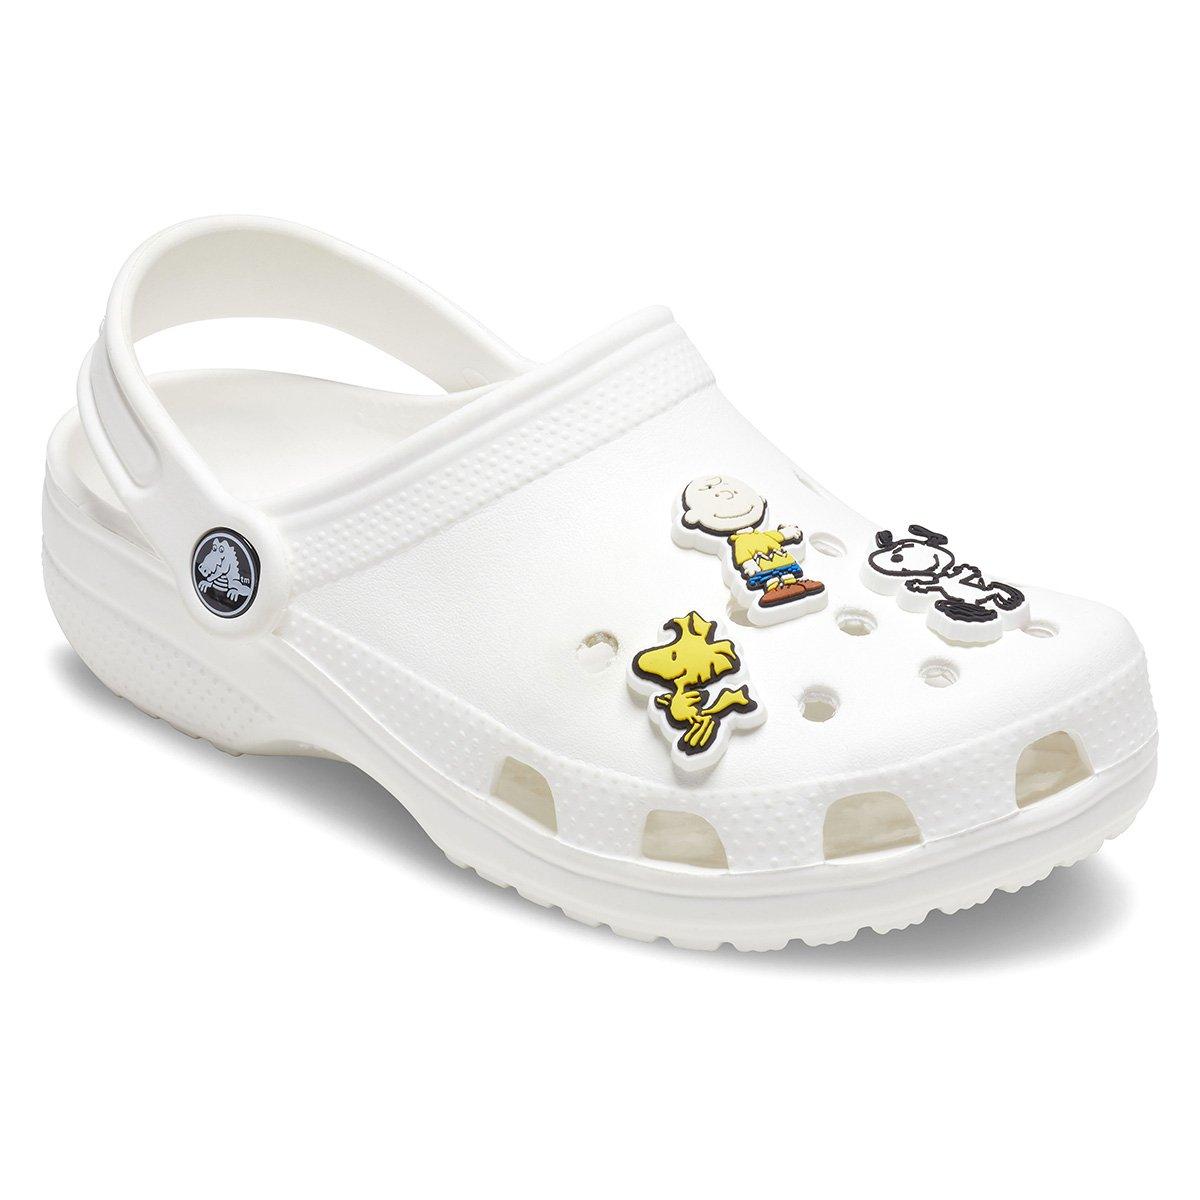 Jibbitz Infantil Crocs Peanuts 3 Pack